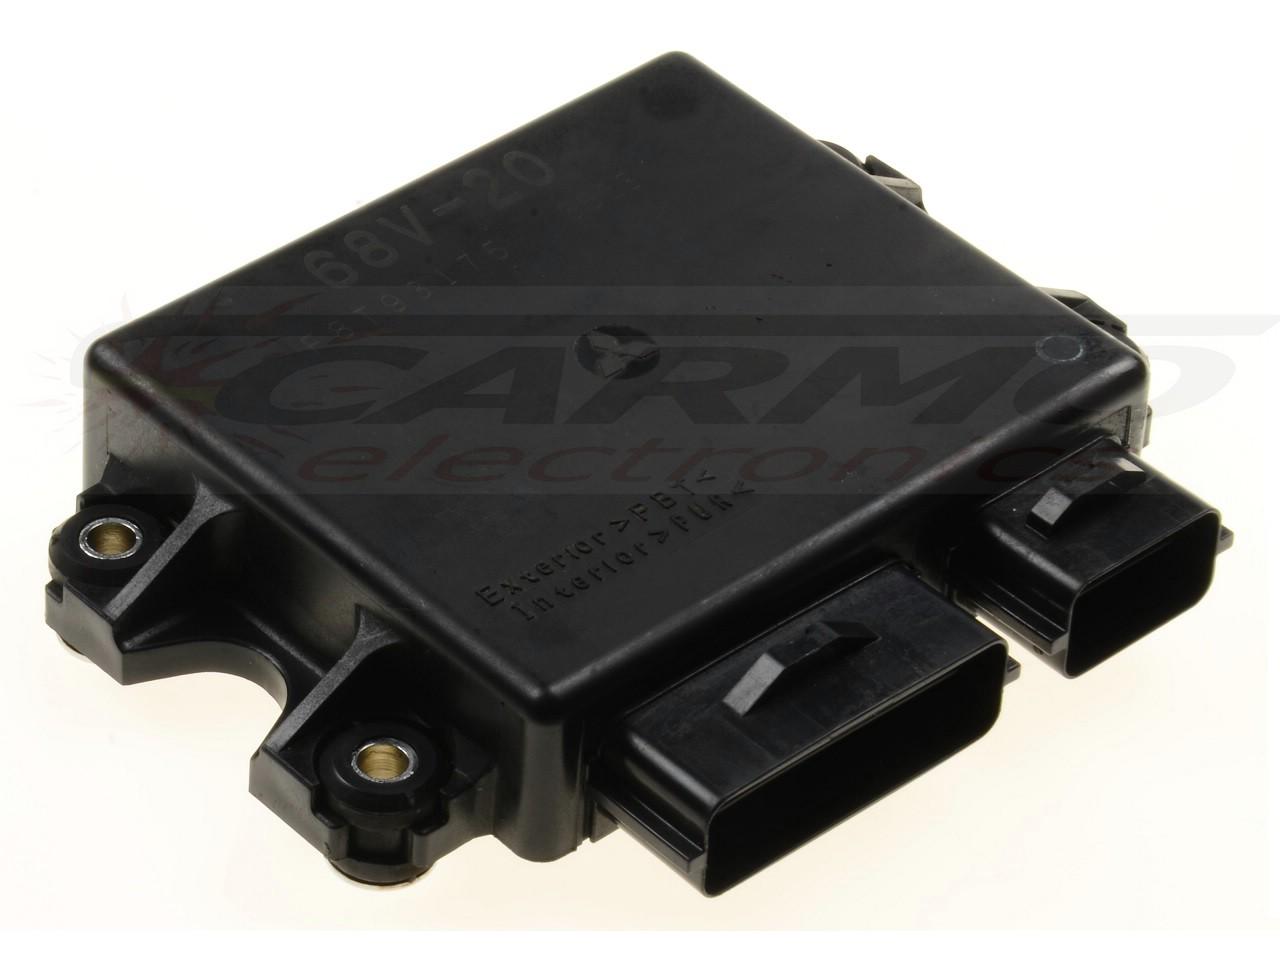 Yamaha Dt50mx Wiring Diagram : Yamaha carmo electronics motorbike parts or